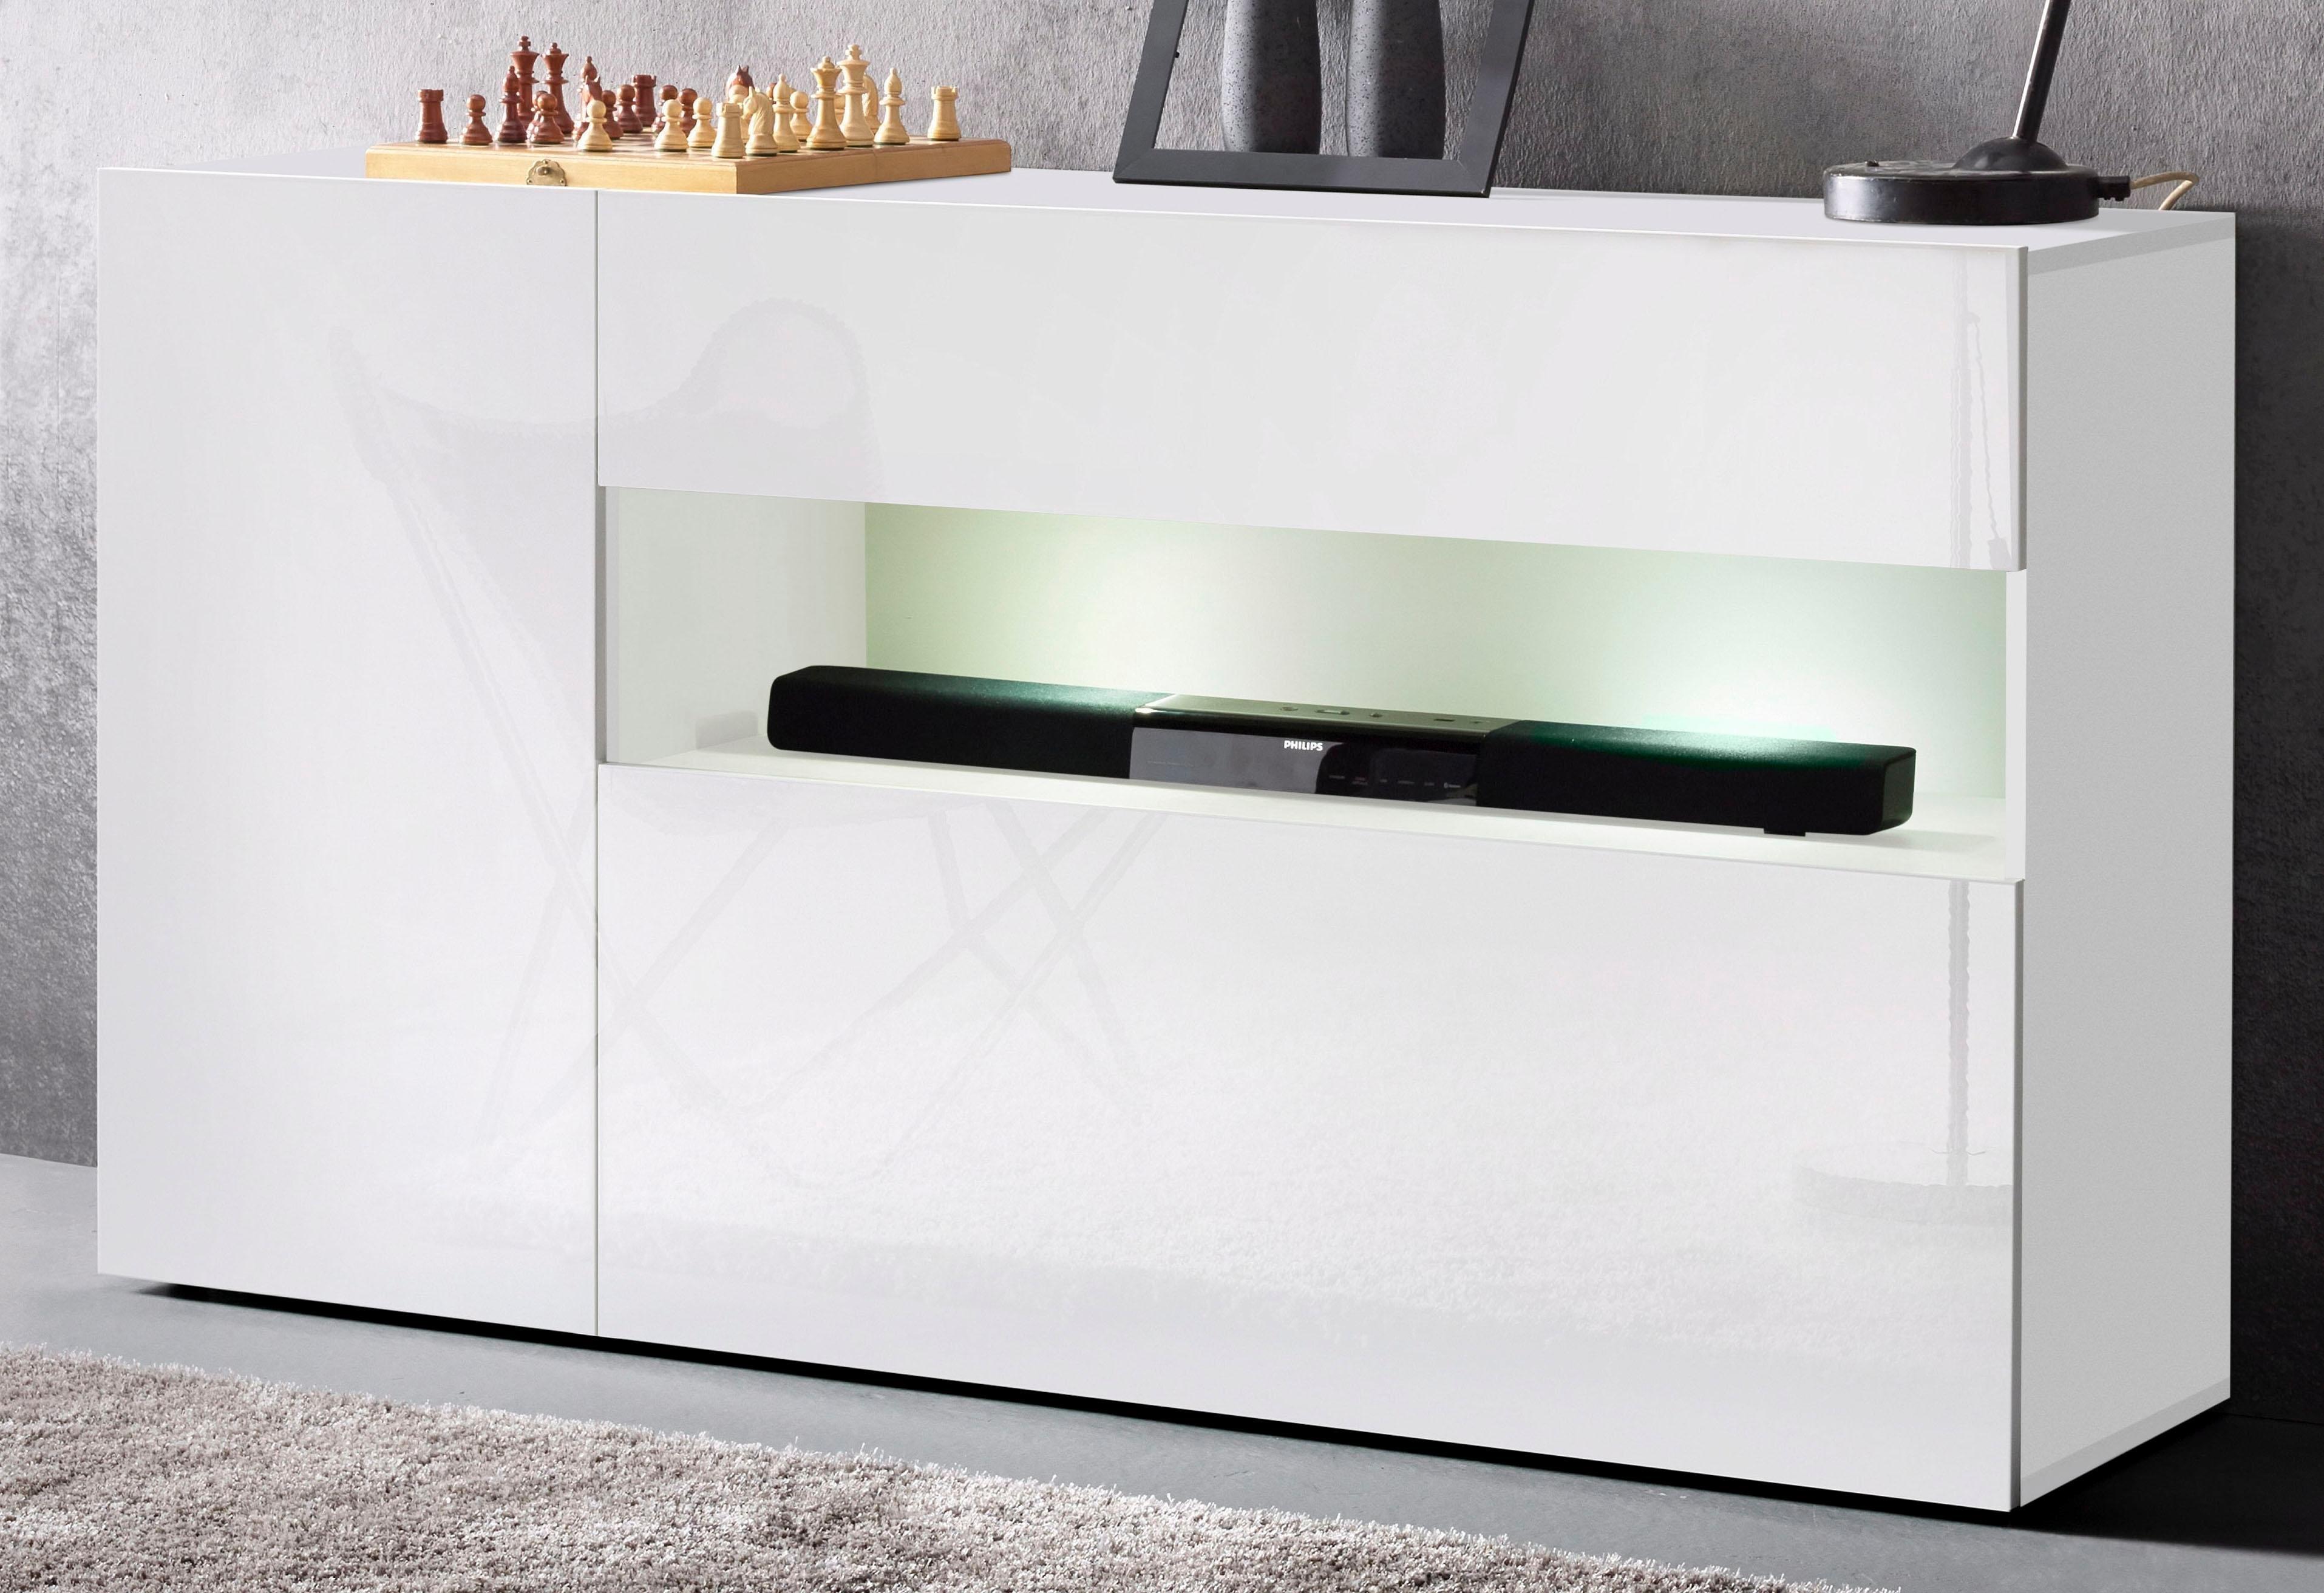 Tecnos dressoir breedte 140 cm goedkoop op otto.nl kopen